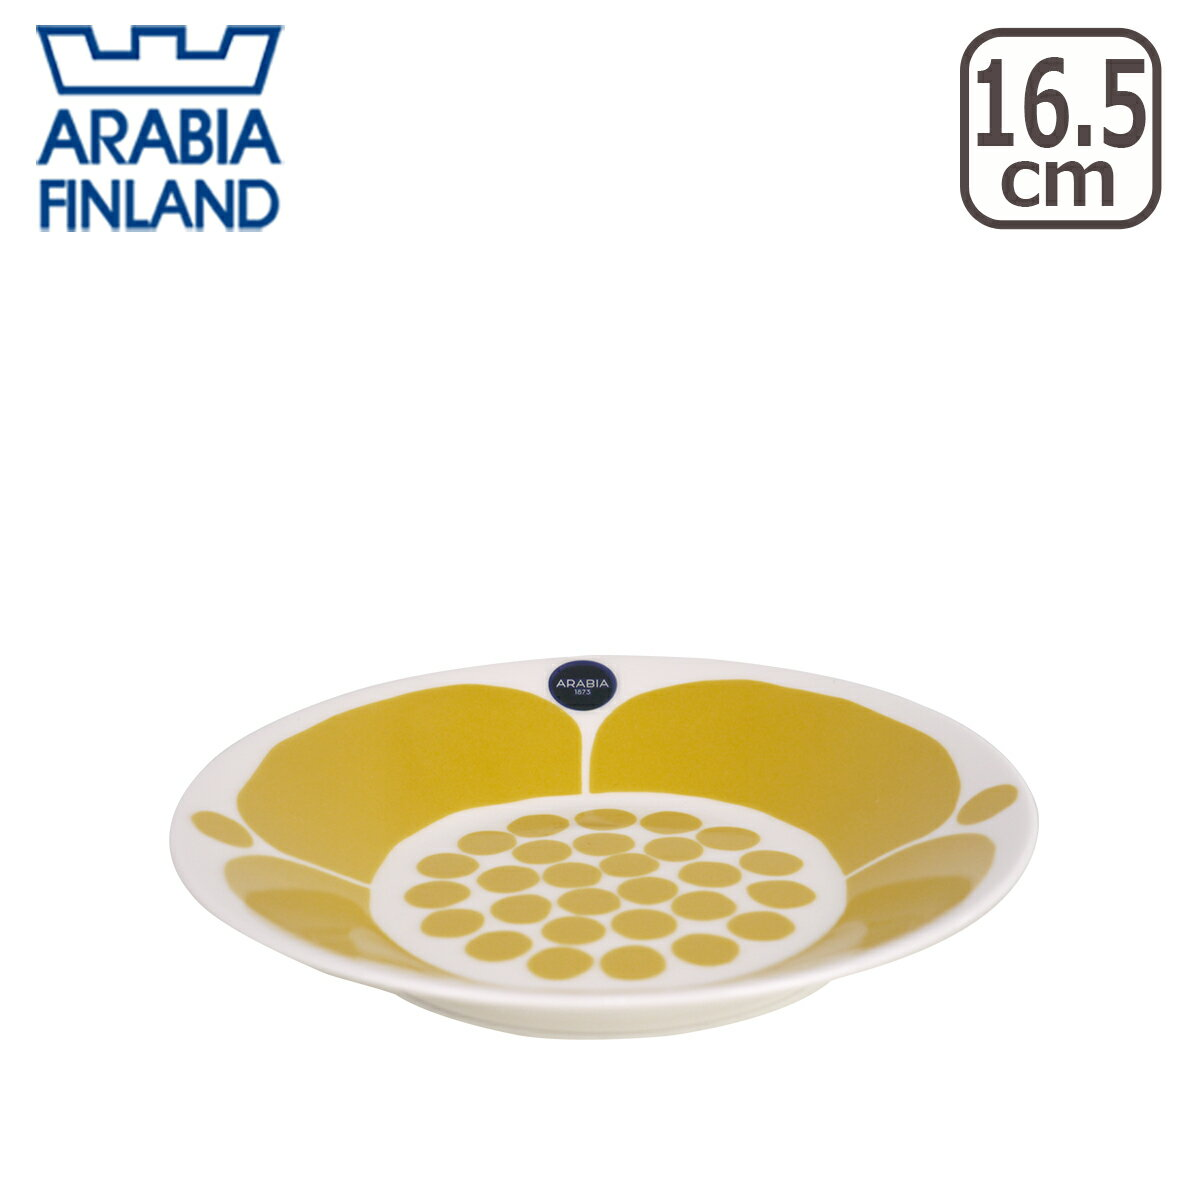 【4時間クーポン】アラビア(Arabia) スンヌンタイ(Sunnuntai)プレート16.5cm 北欧 フィンランド 食器 Arabia 食器洗い機 対応